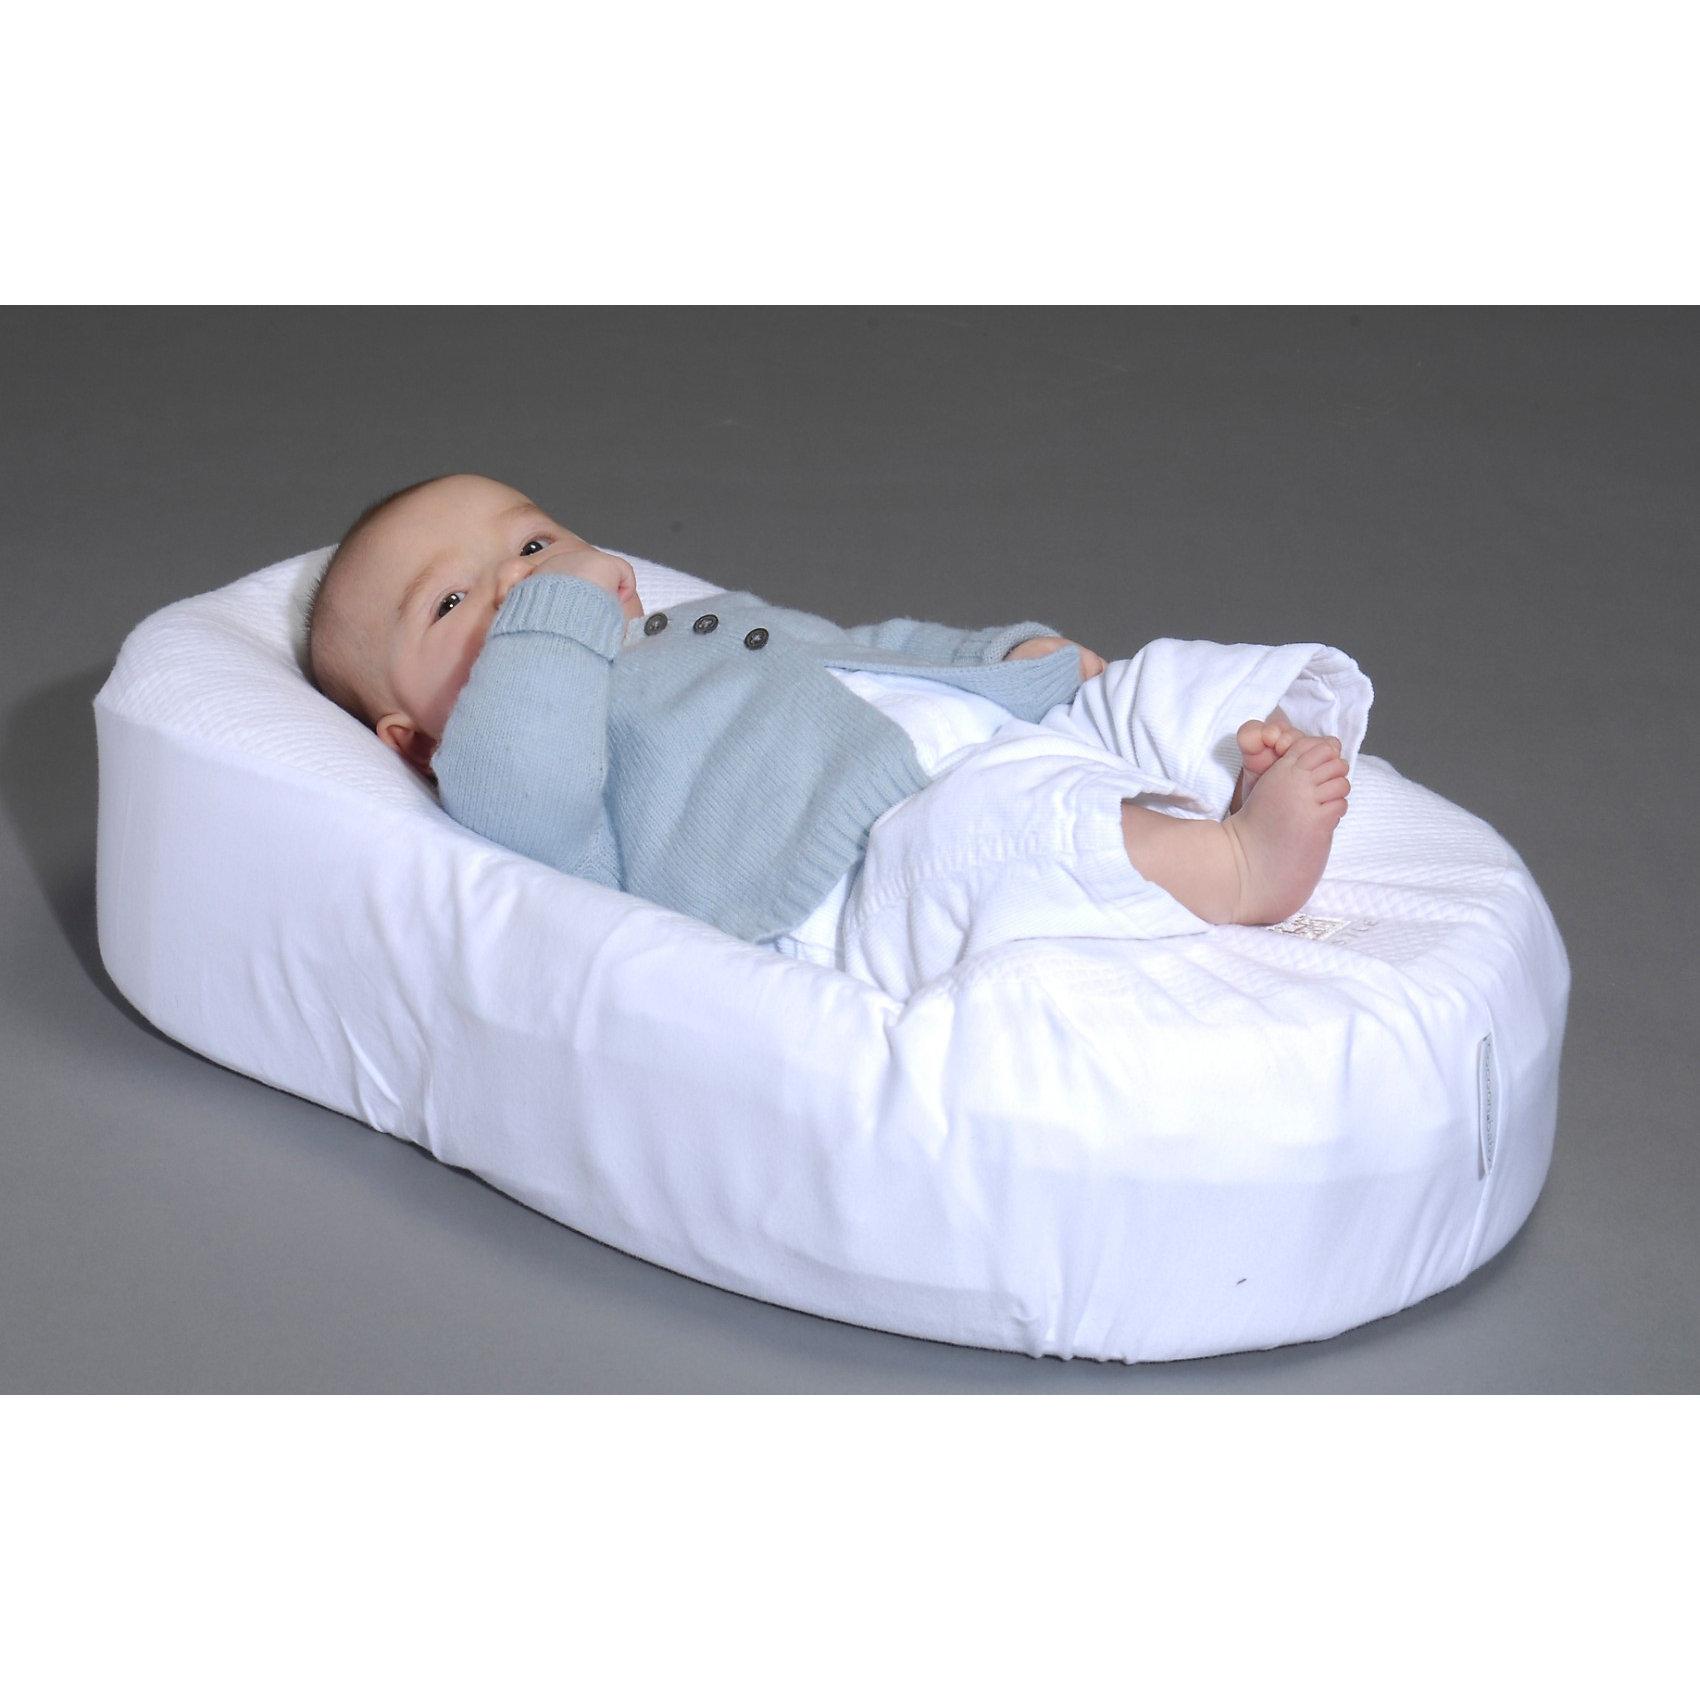 Кокон для новорожденных: обзор матрасов и отзывы | виды | mattrasik.ru